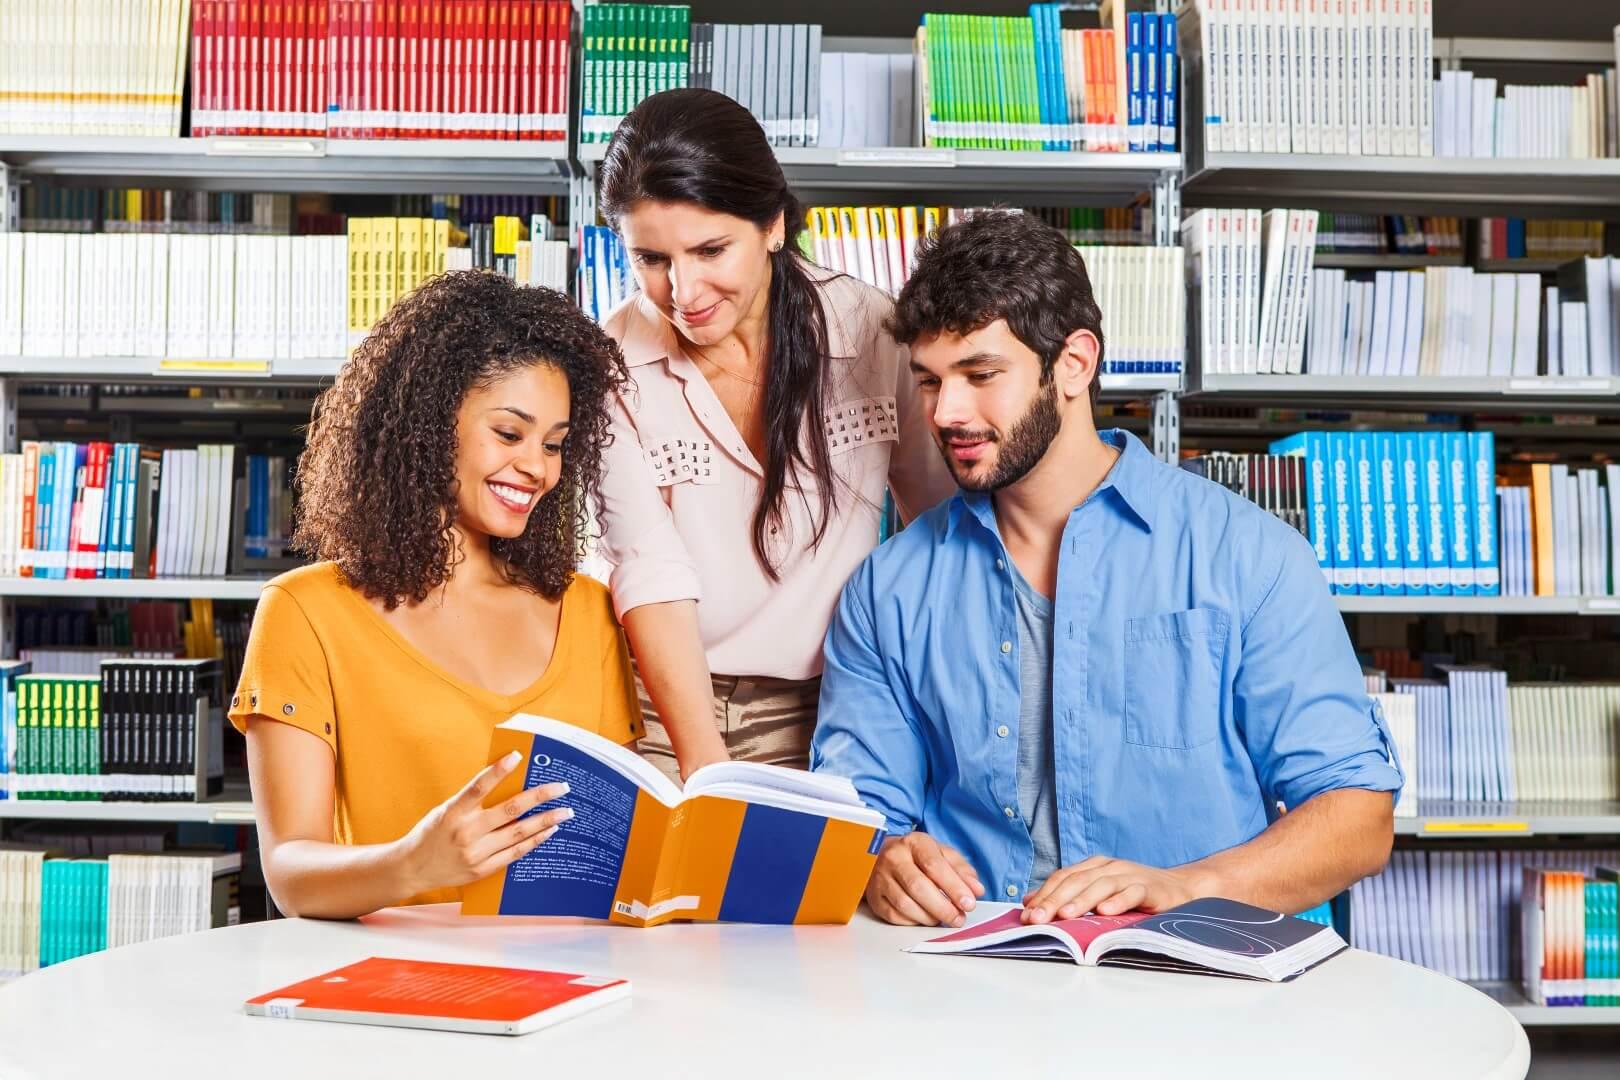 Curso profissionalizante é alternativa para formação profissional (Divulgação)